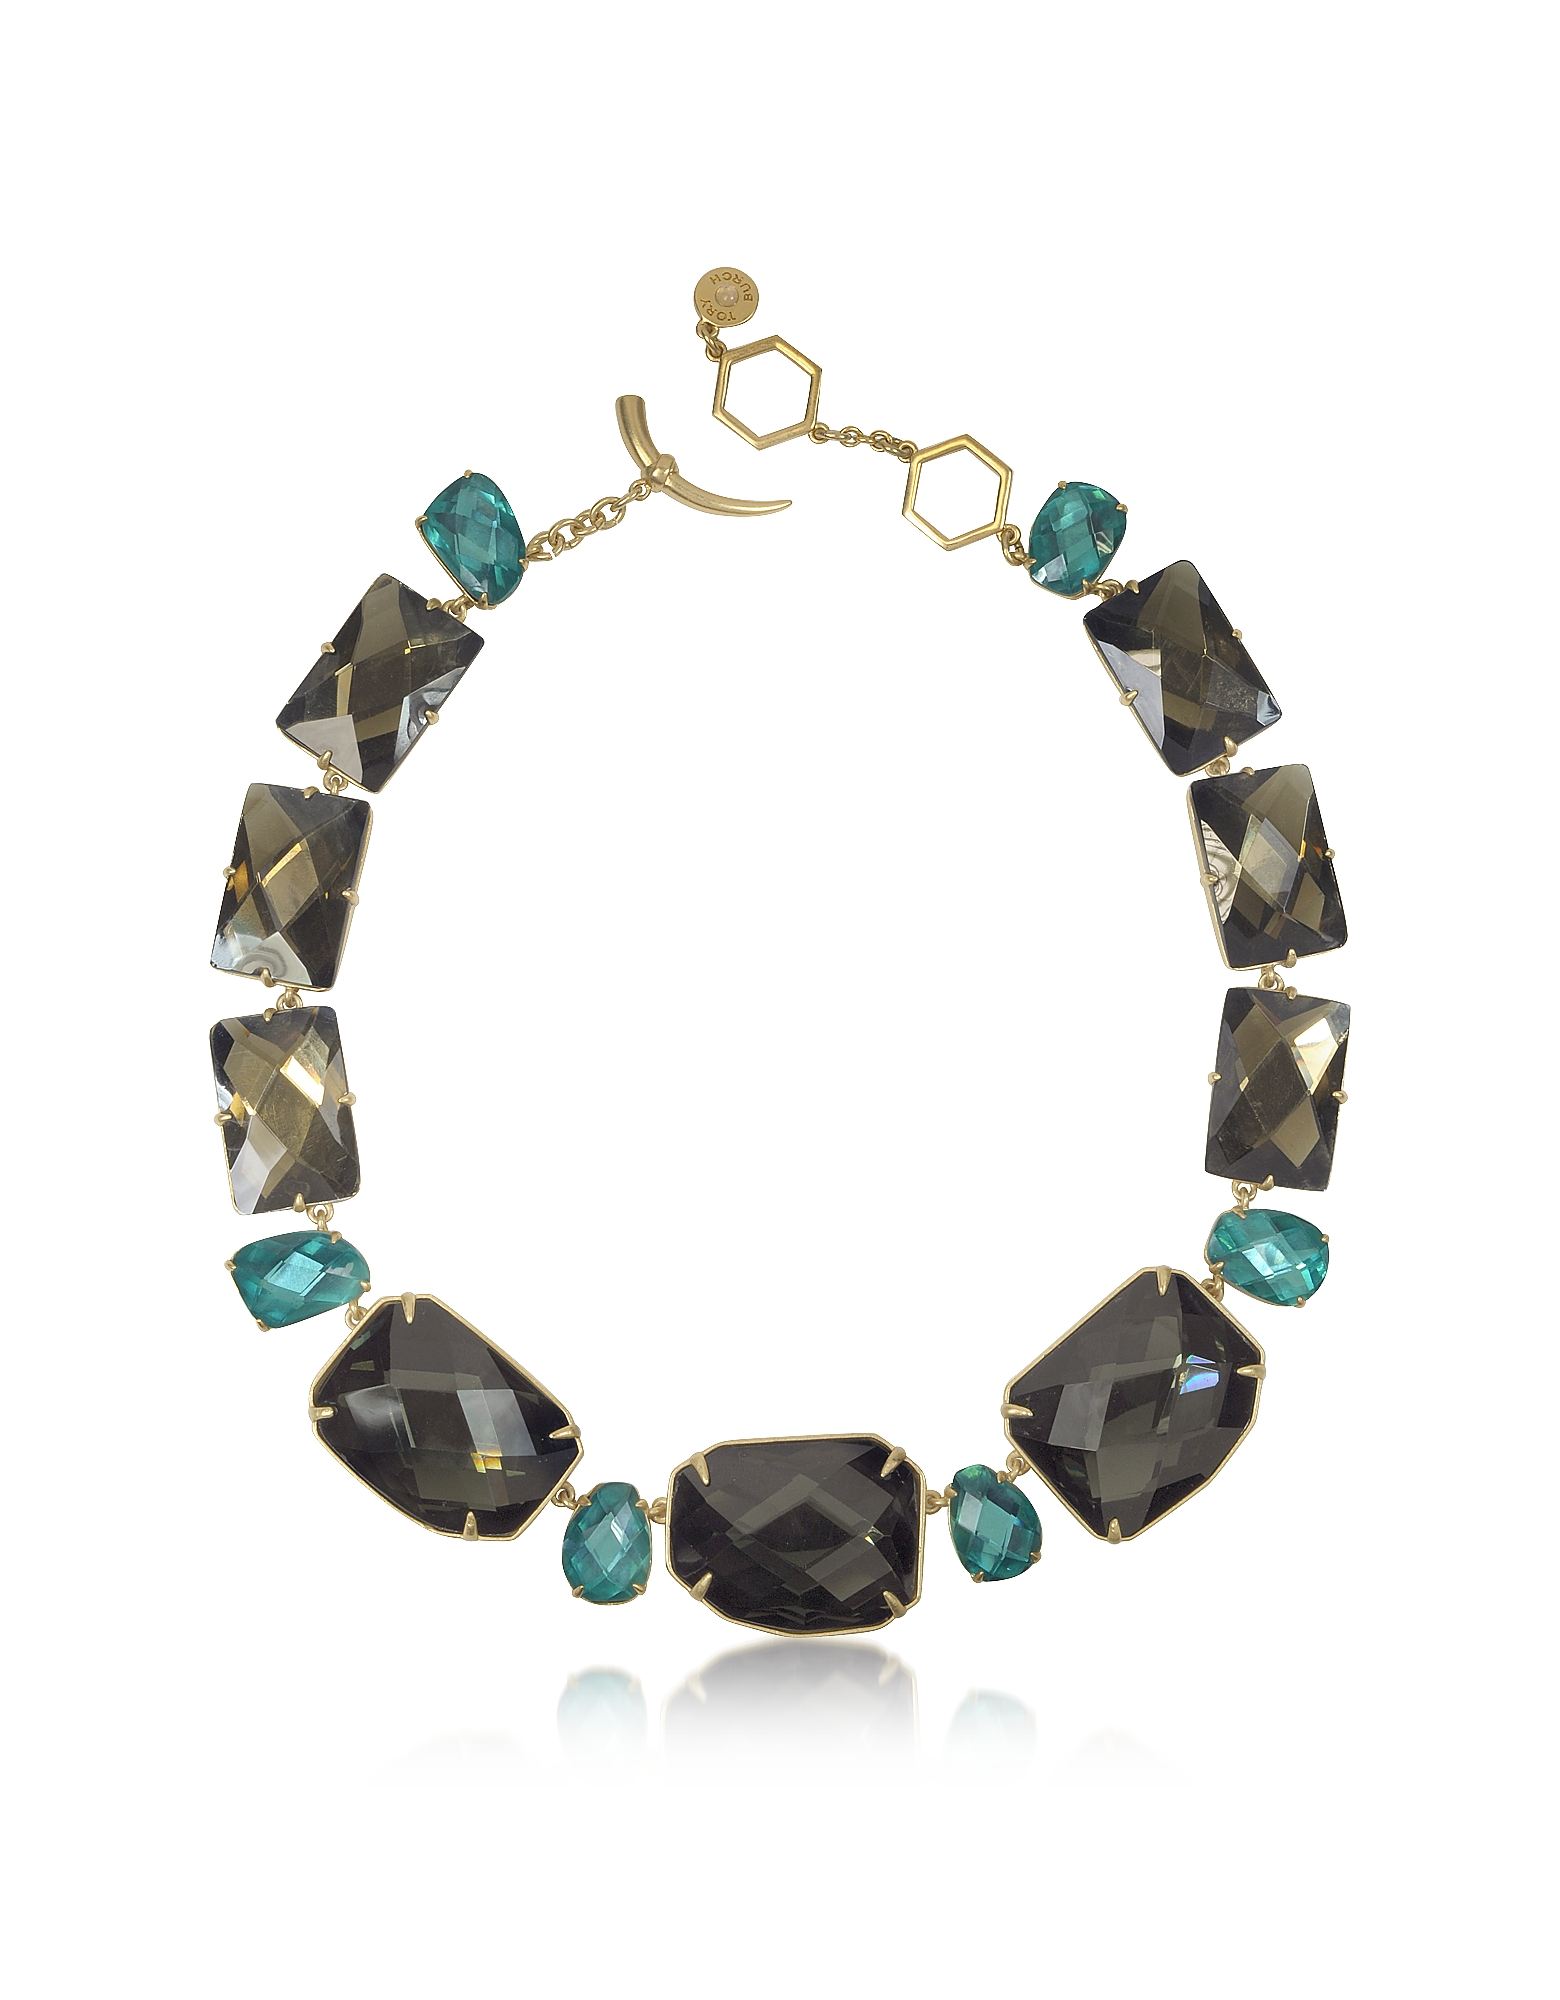 Ожерелье из Золотистой Меди с Кристаллами Оттенка Деним